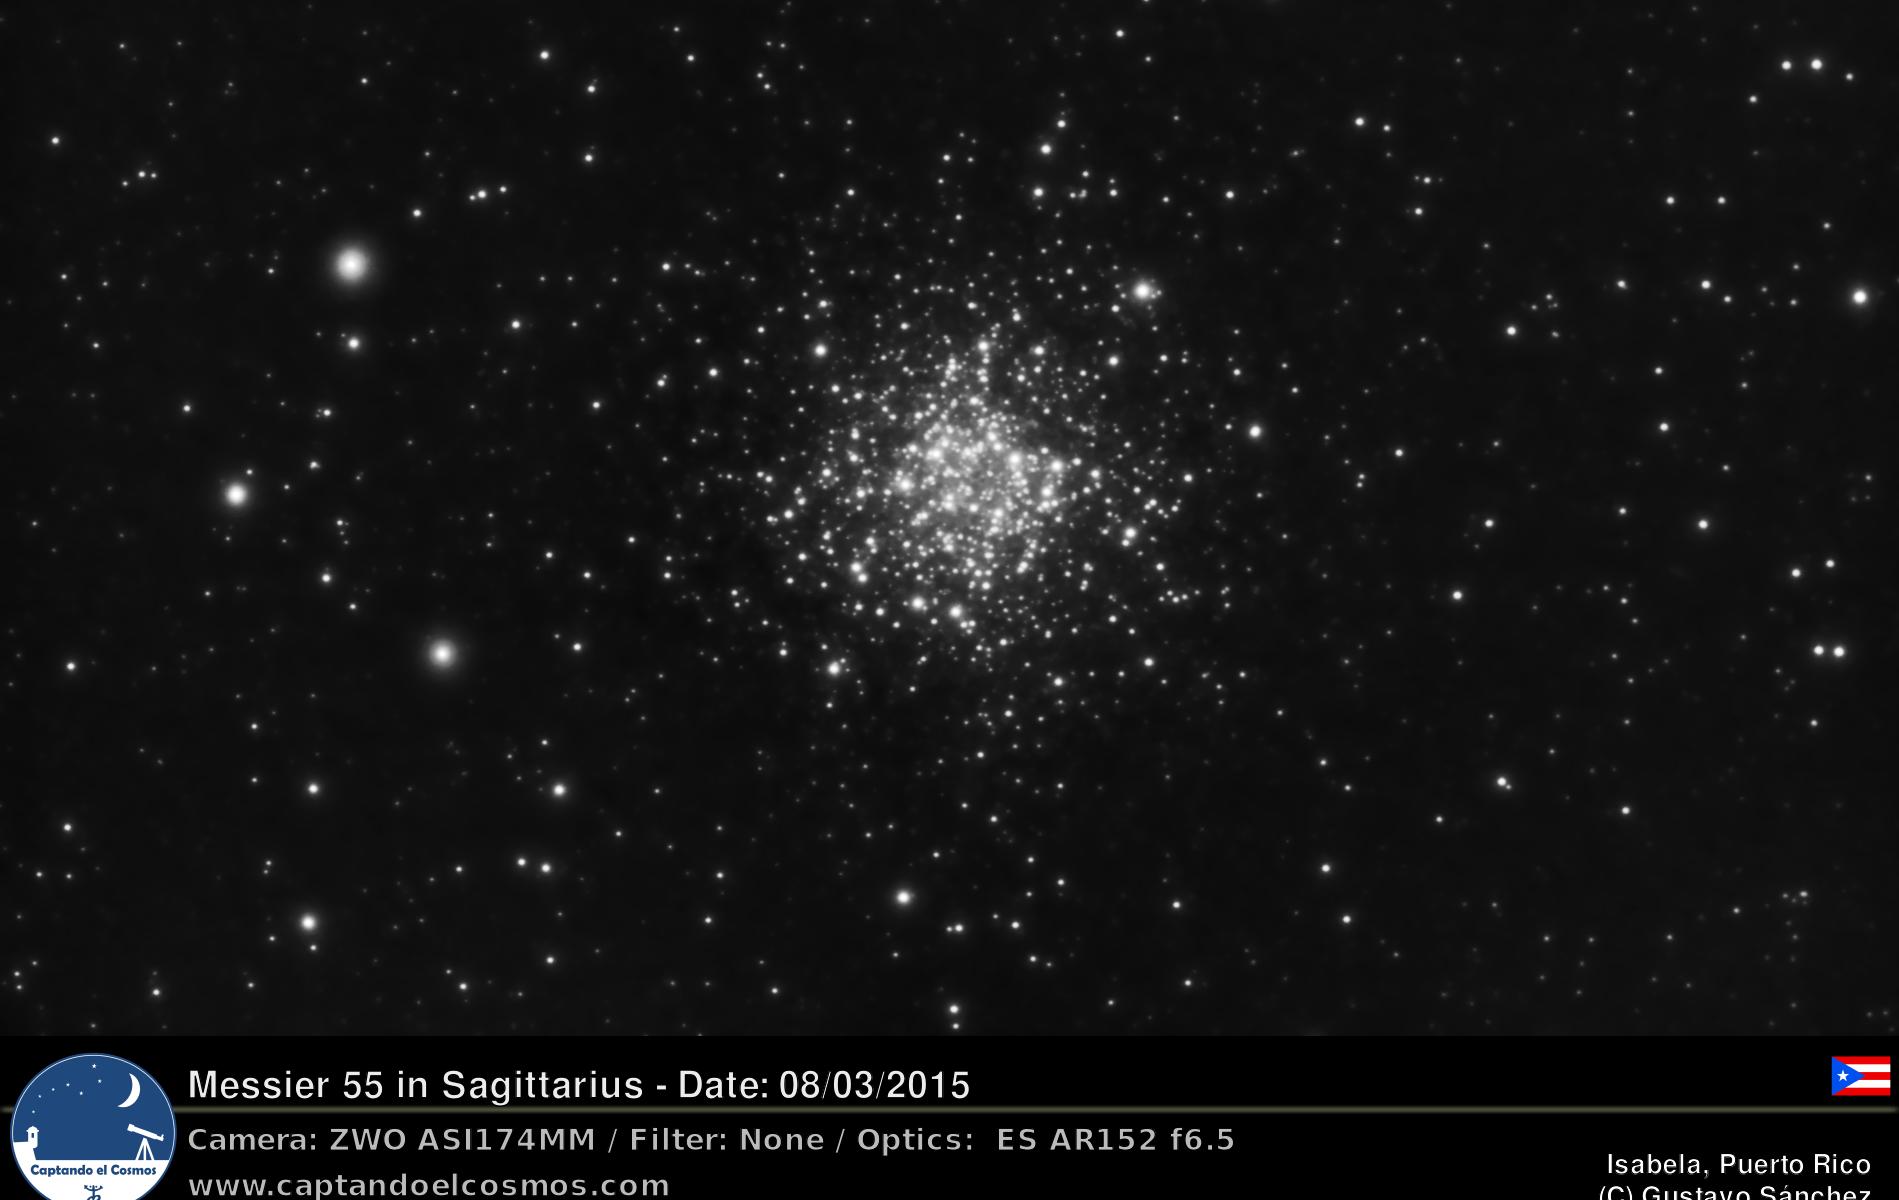 Cúmulo estelar Messier 55. Crédito: Gustavo Sánchez / Captando el Cosmos.